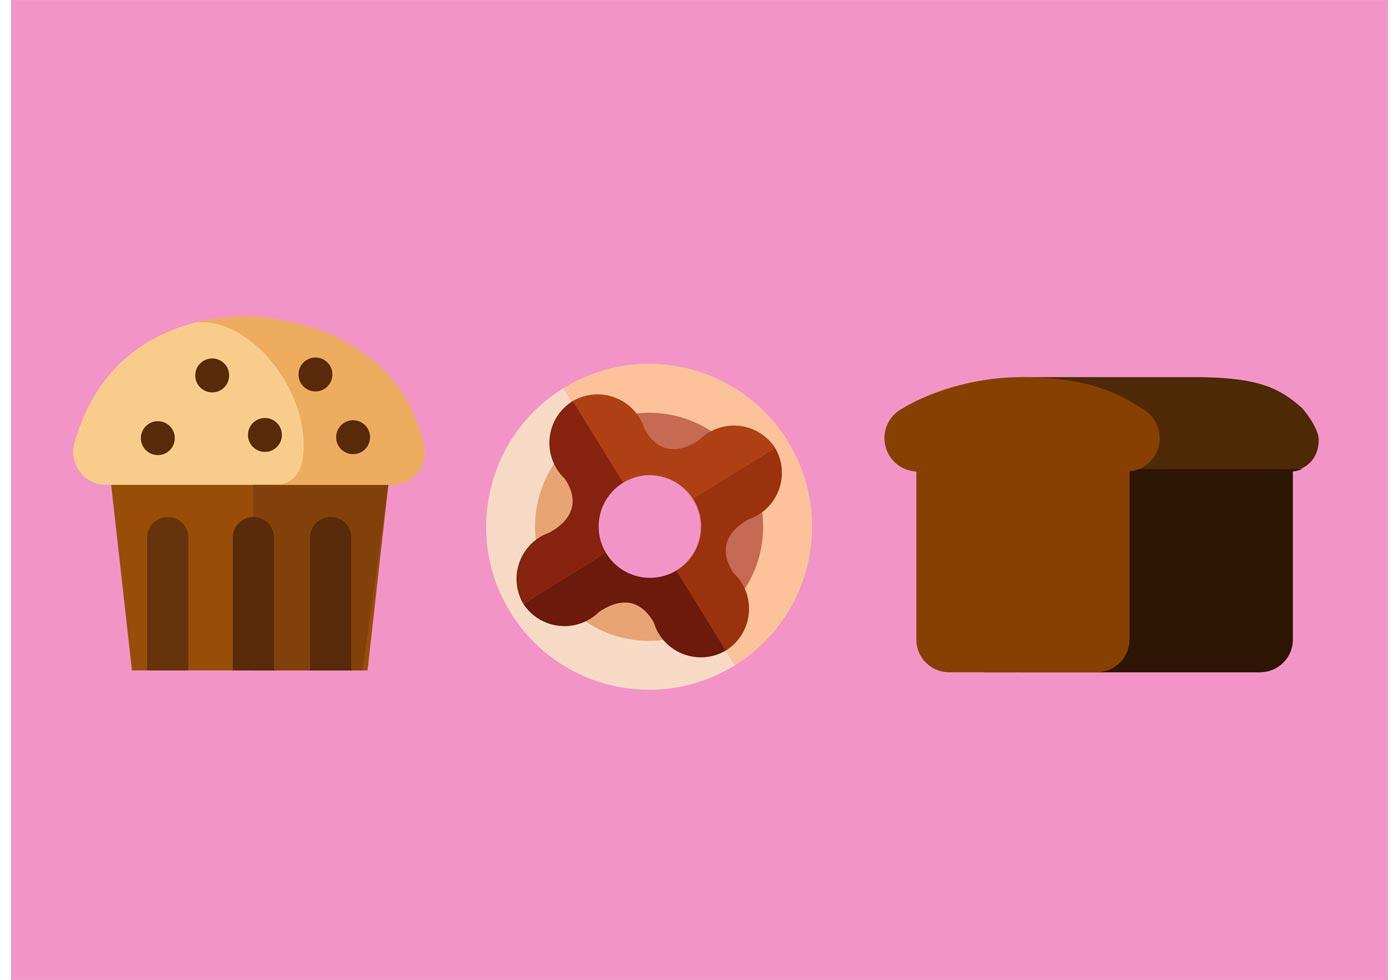 Sweet Food Vectors Download Free Vector Art Stock